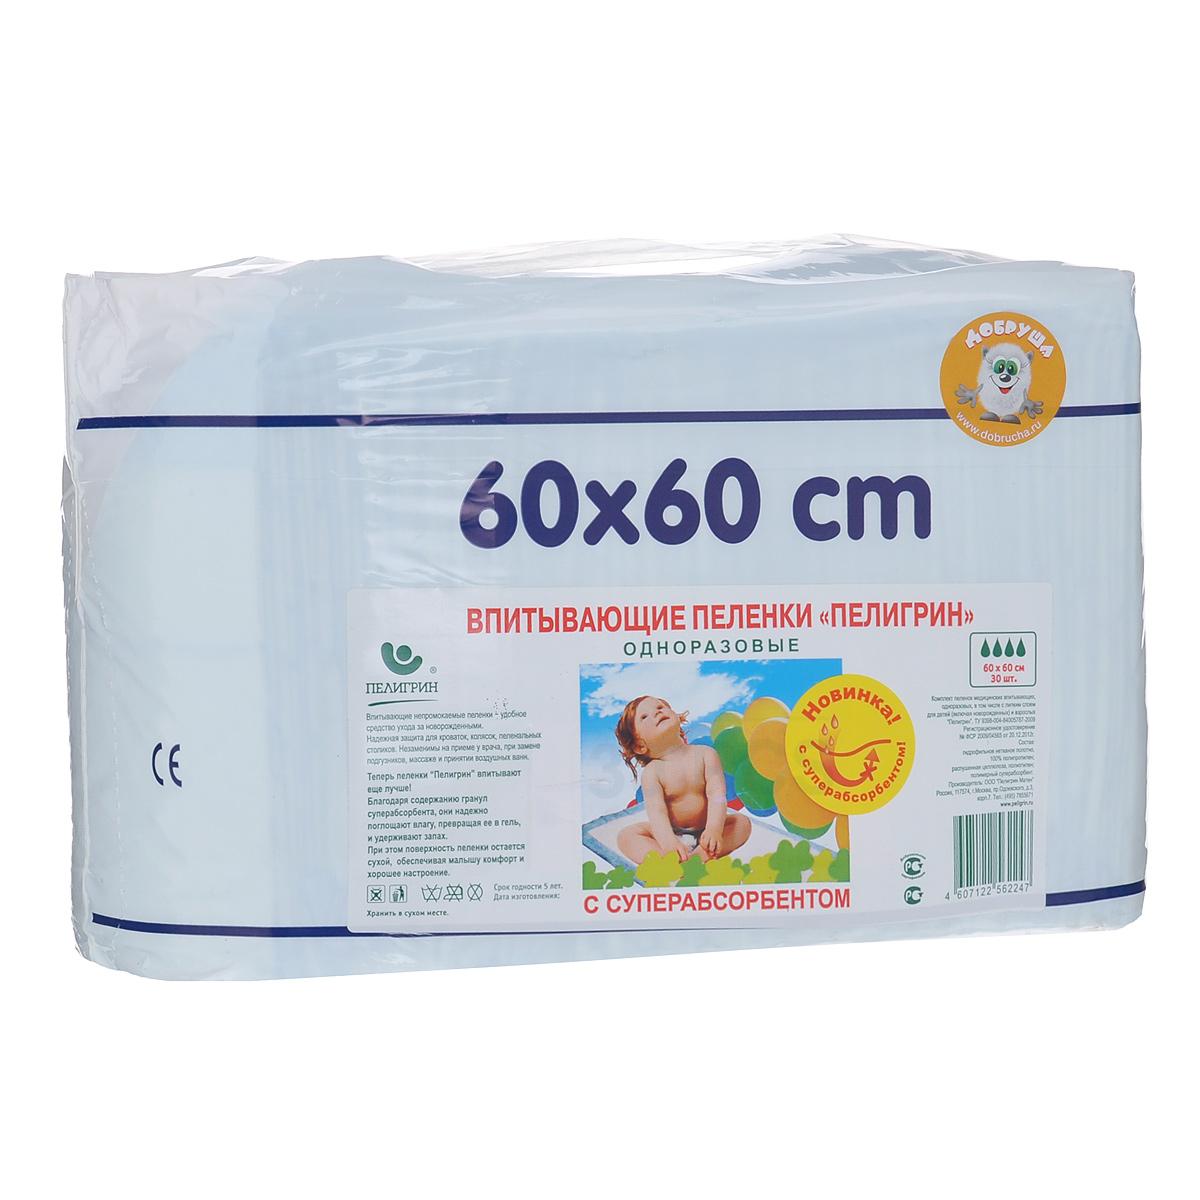 """Впитывающие пеленки """"Пелигрин"""", с суперабсорбентом,  60 см x 60 см, 30 шт"""